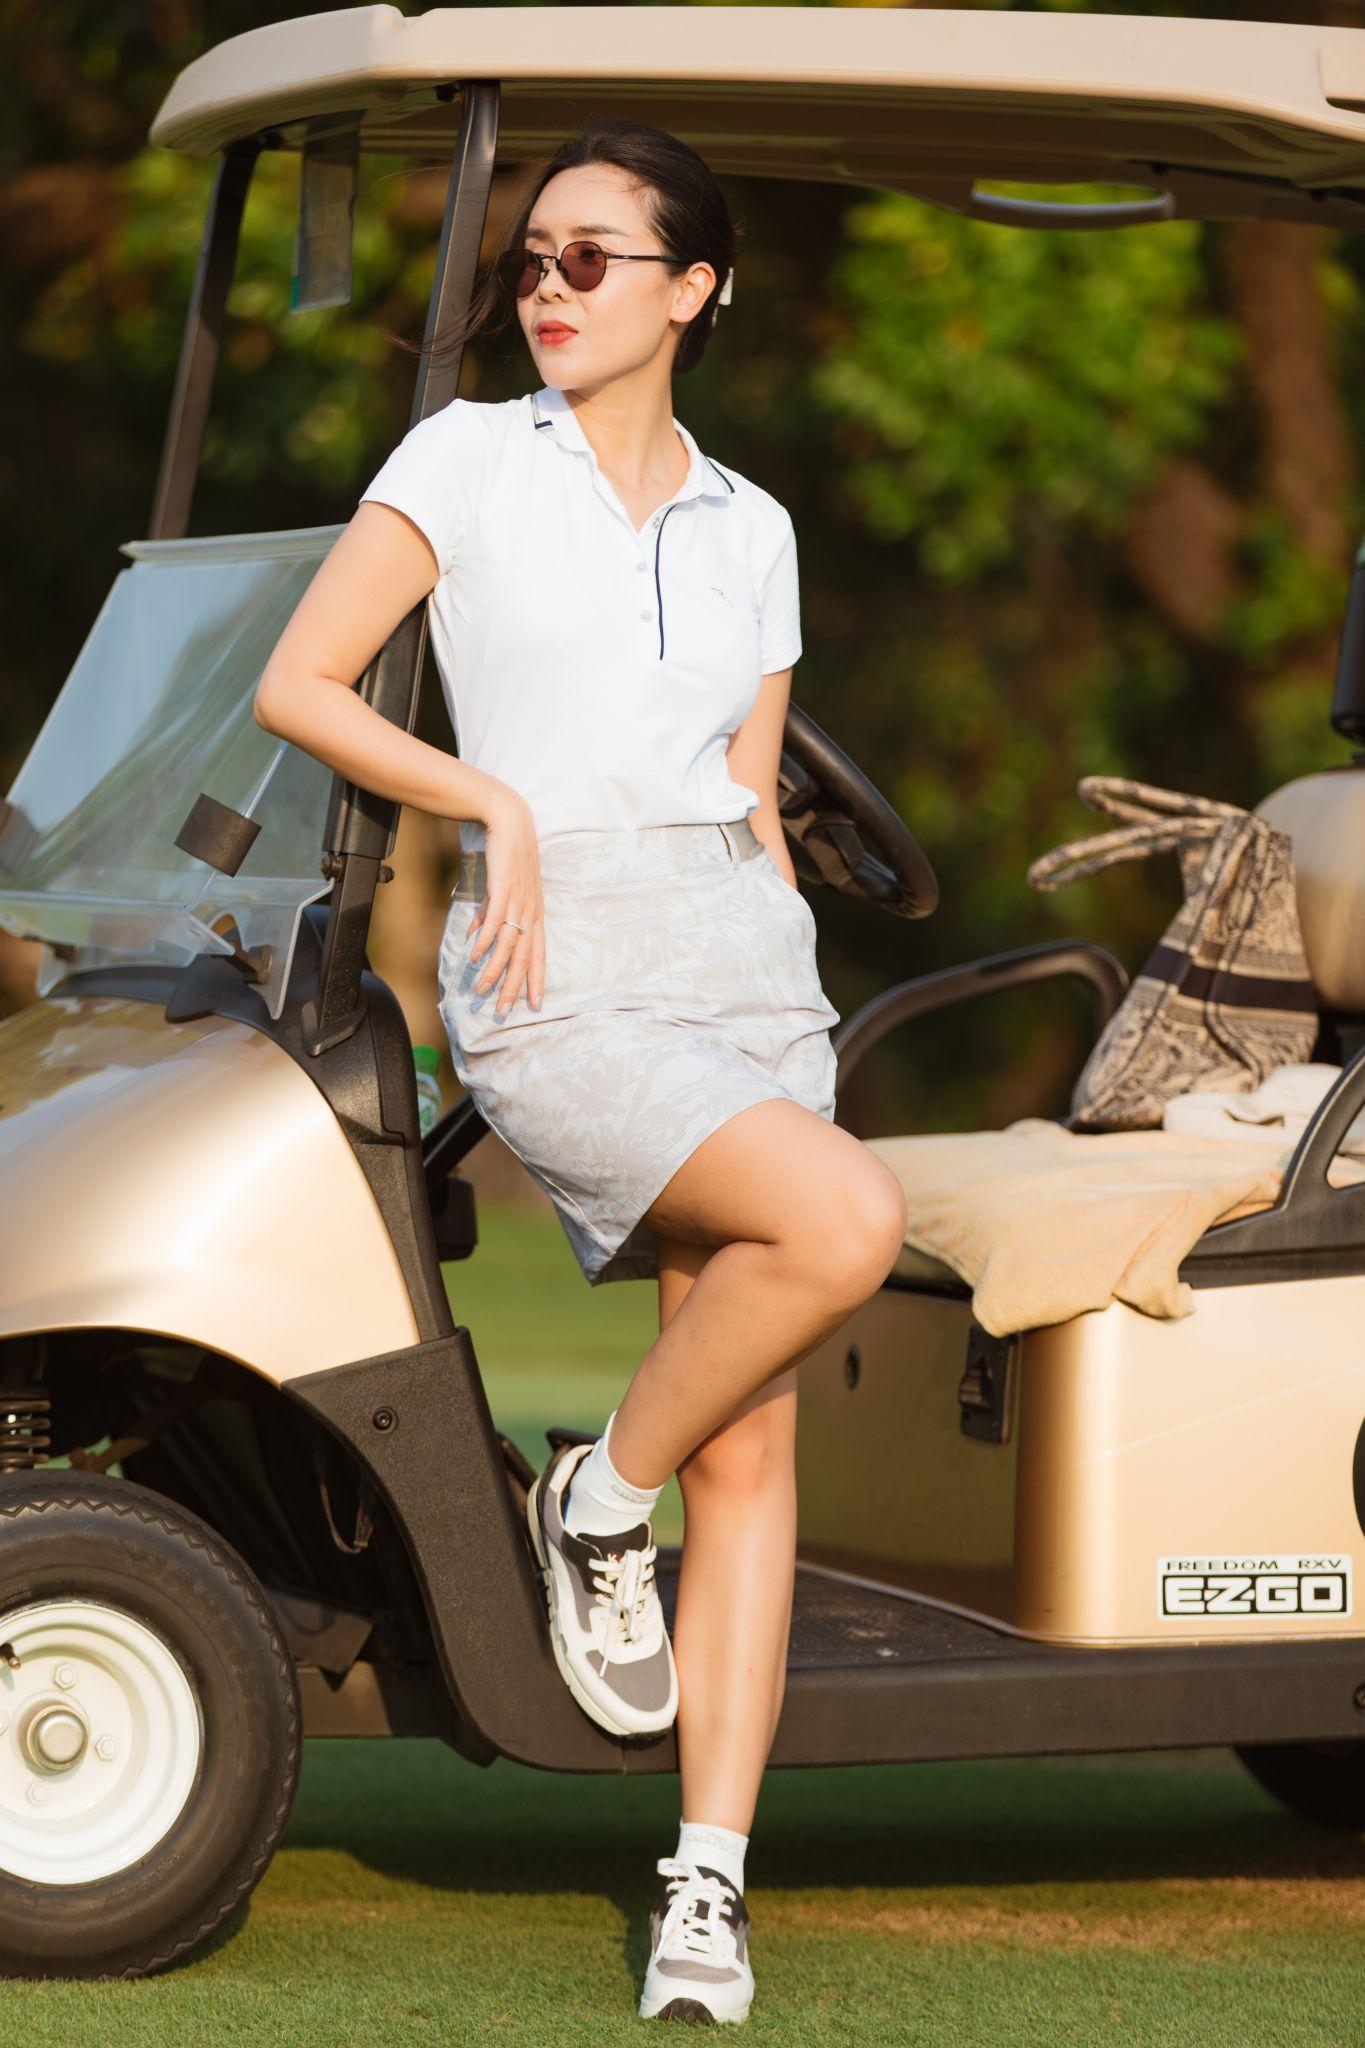 Lưu Hương Giang diện đồ ton sur ton, áo polo trắng cùng chân váy ngắn, tăng vẻ sành điệu với kính râm.